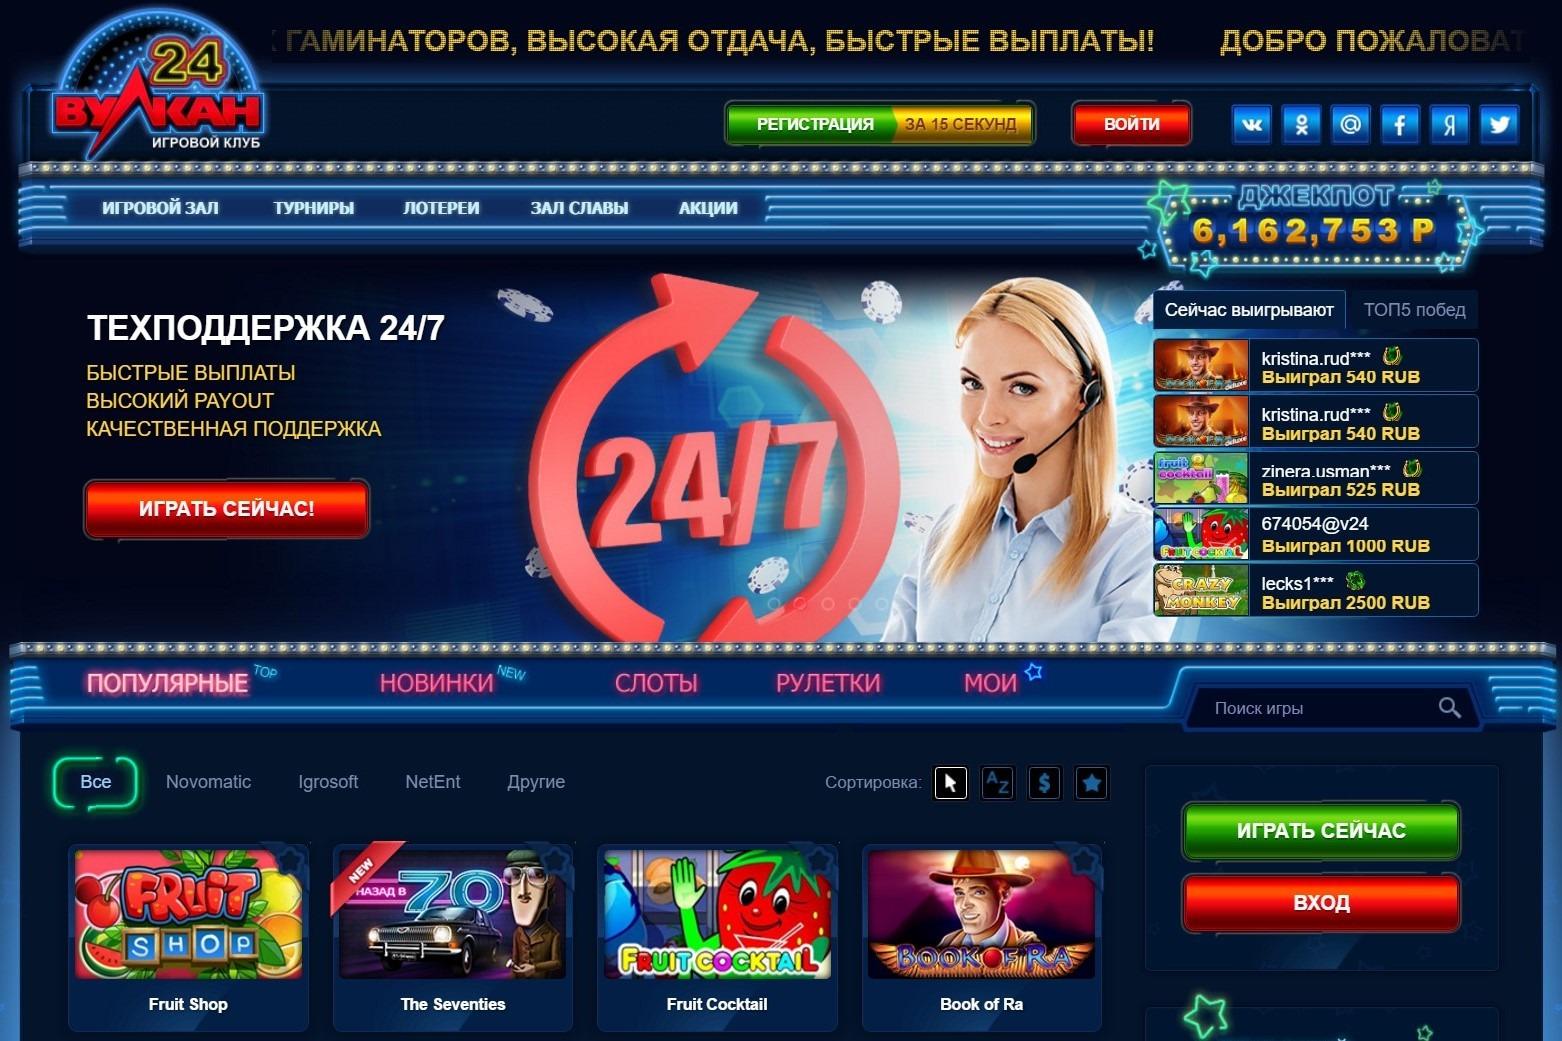 Описание специальных предложений от казино Вулкан 24